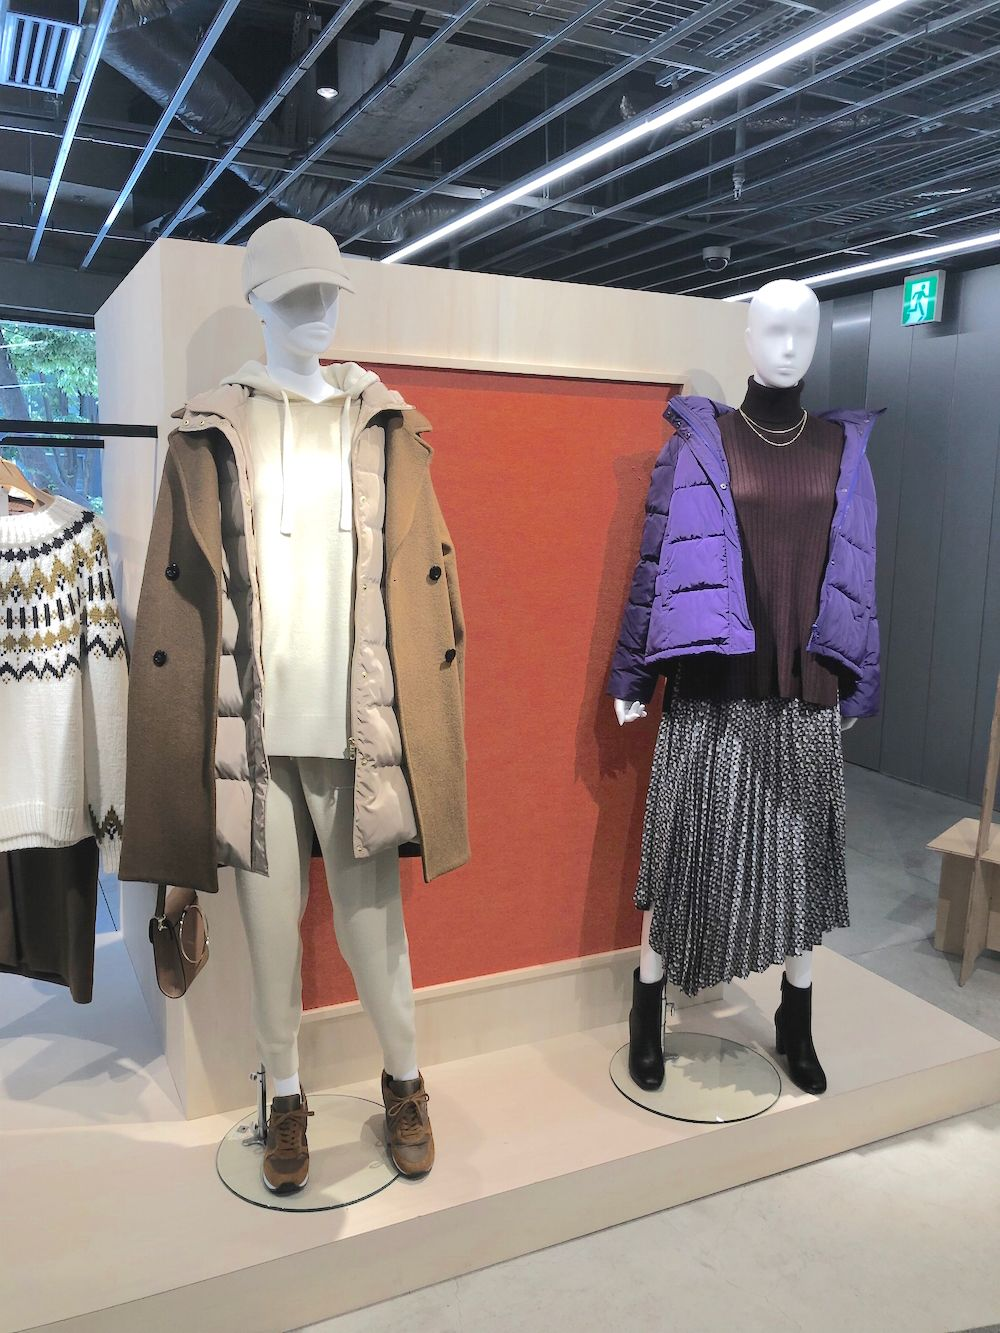 【2019年】秋ファッションのトレンドは? - 注目のキーワードや、『ユニクロ』『ZARA』など人気ブランドの秋冬展示会まとめ_40